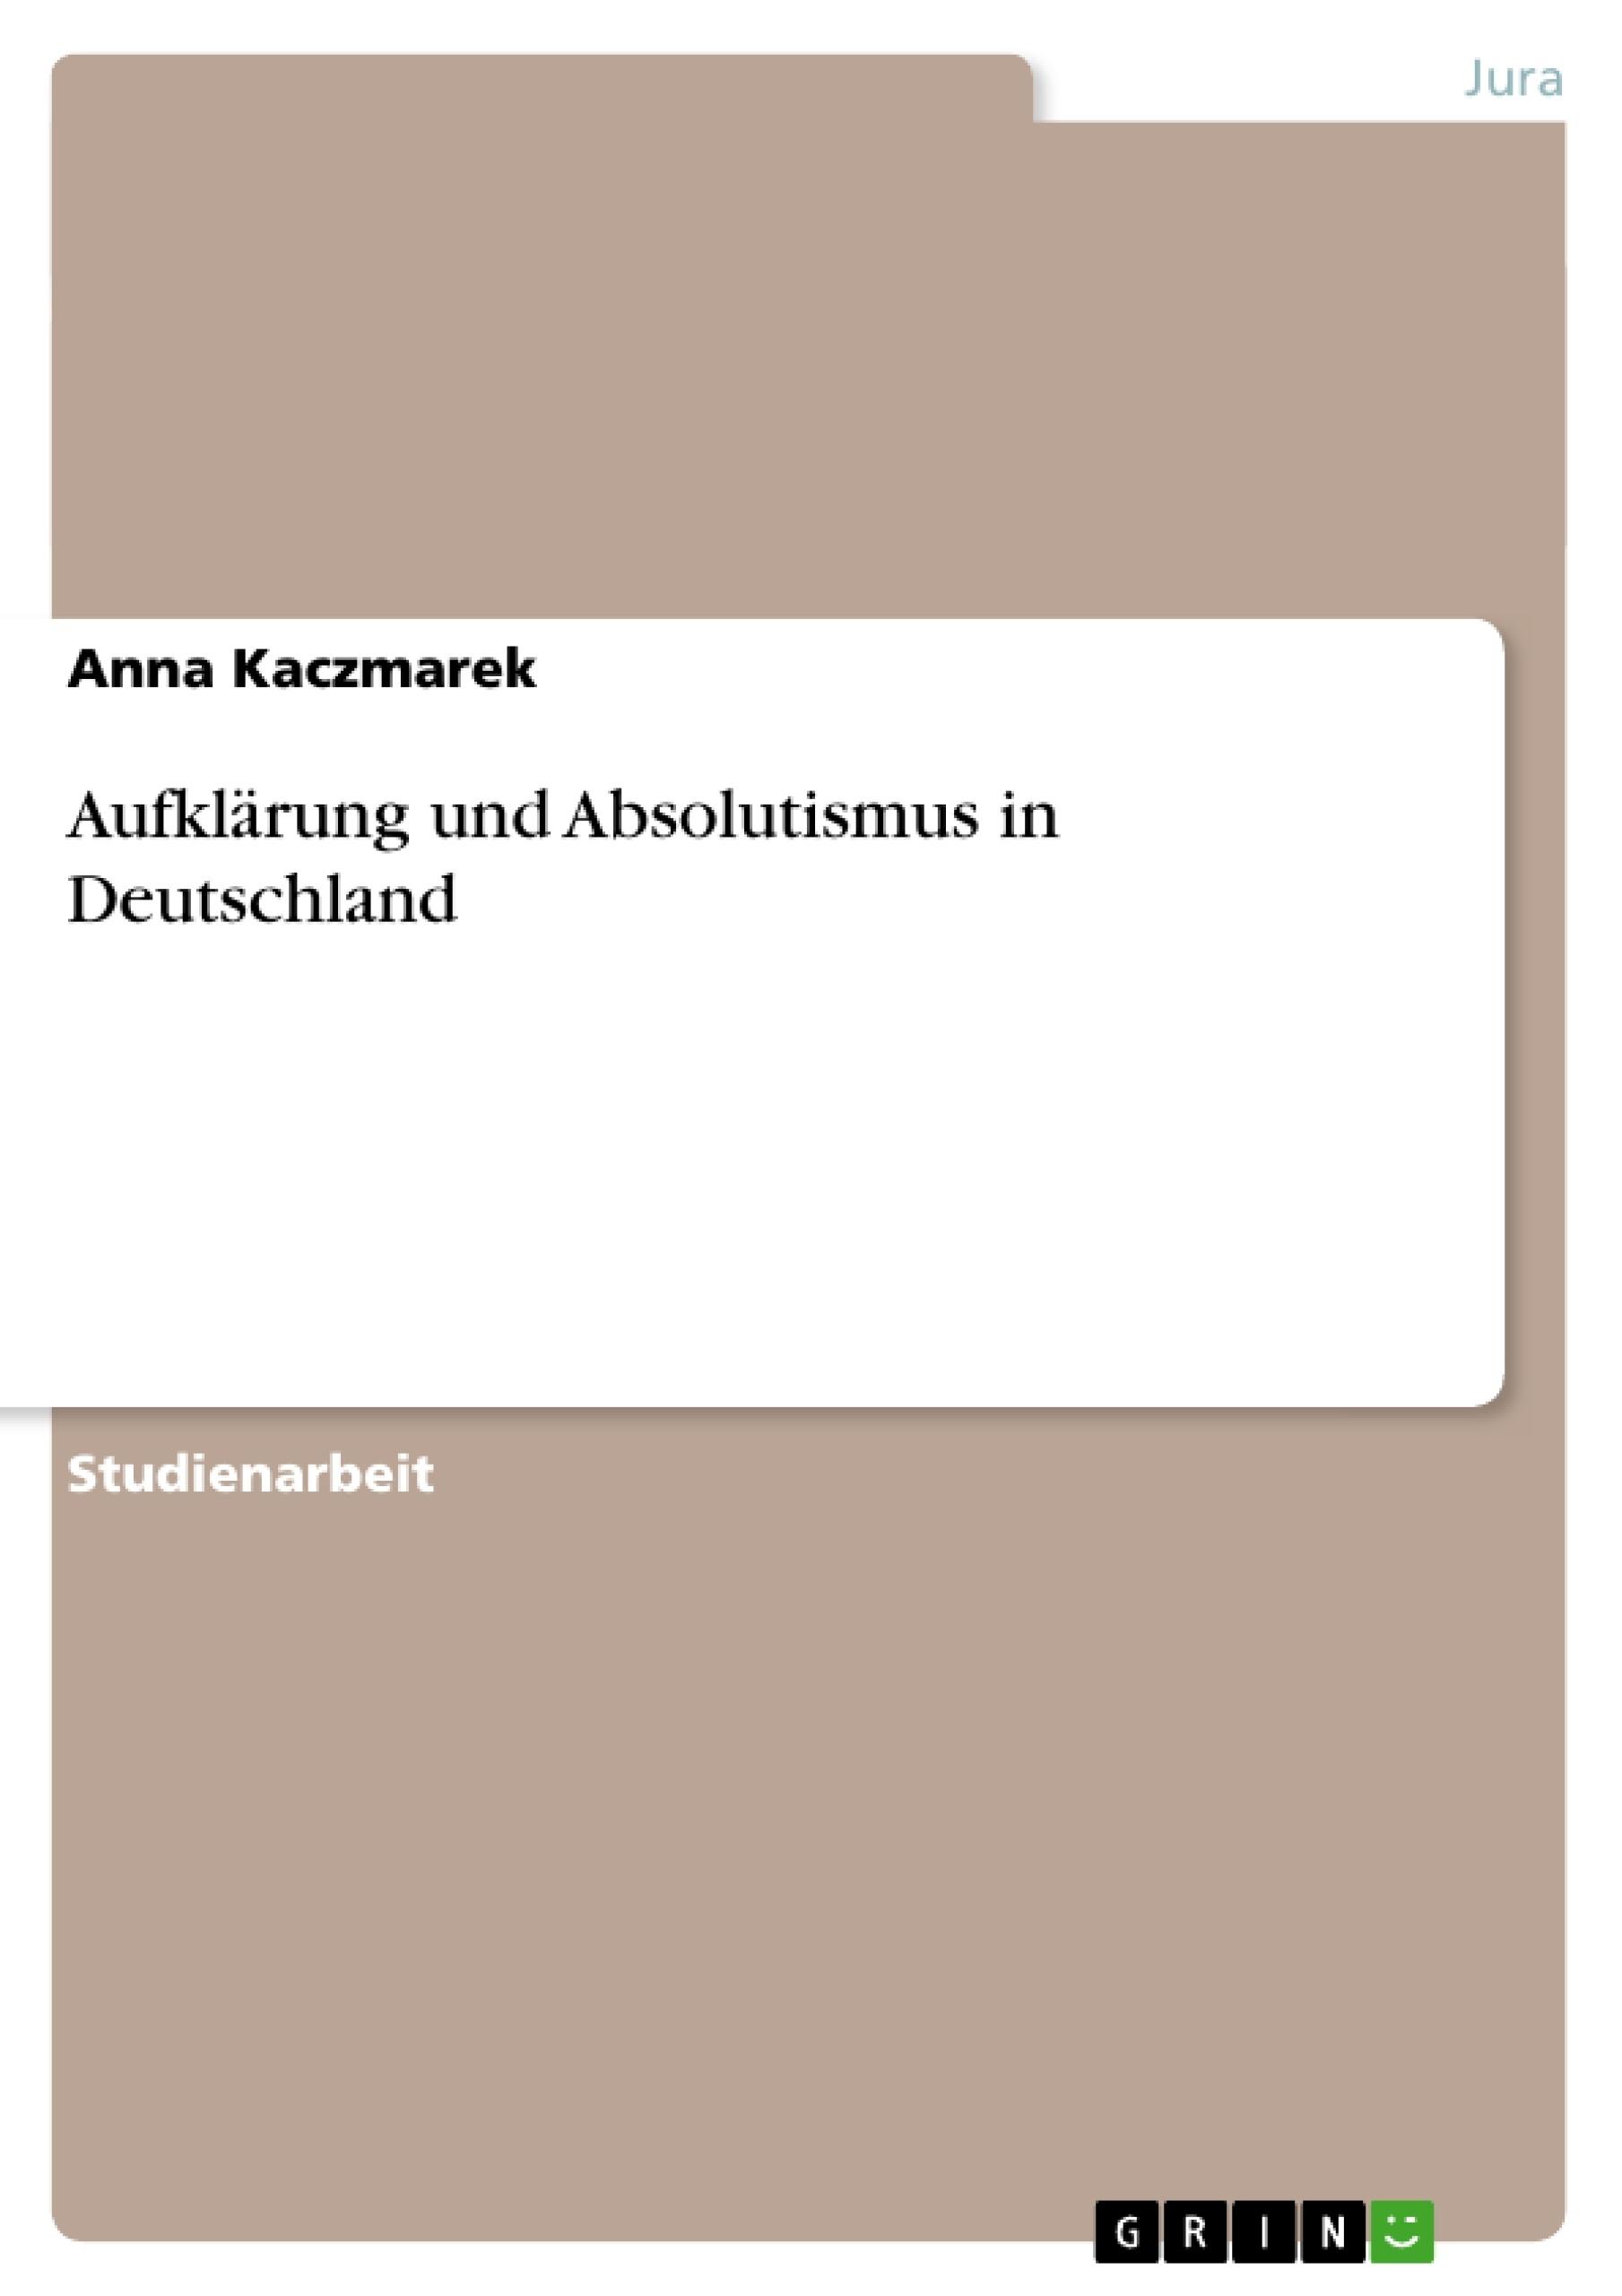 Titel: Aufklärung und Absolutismus in Deutschland